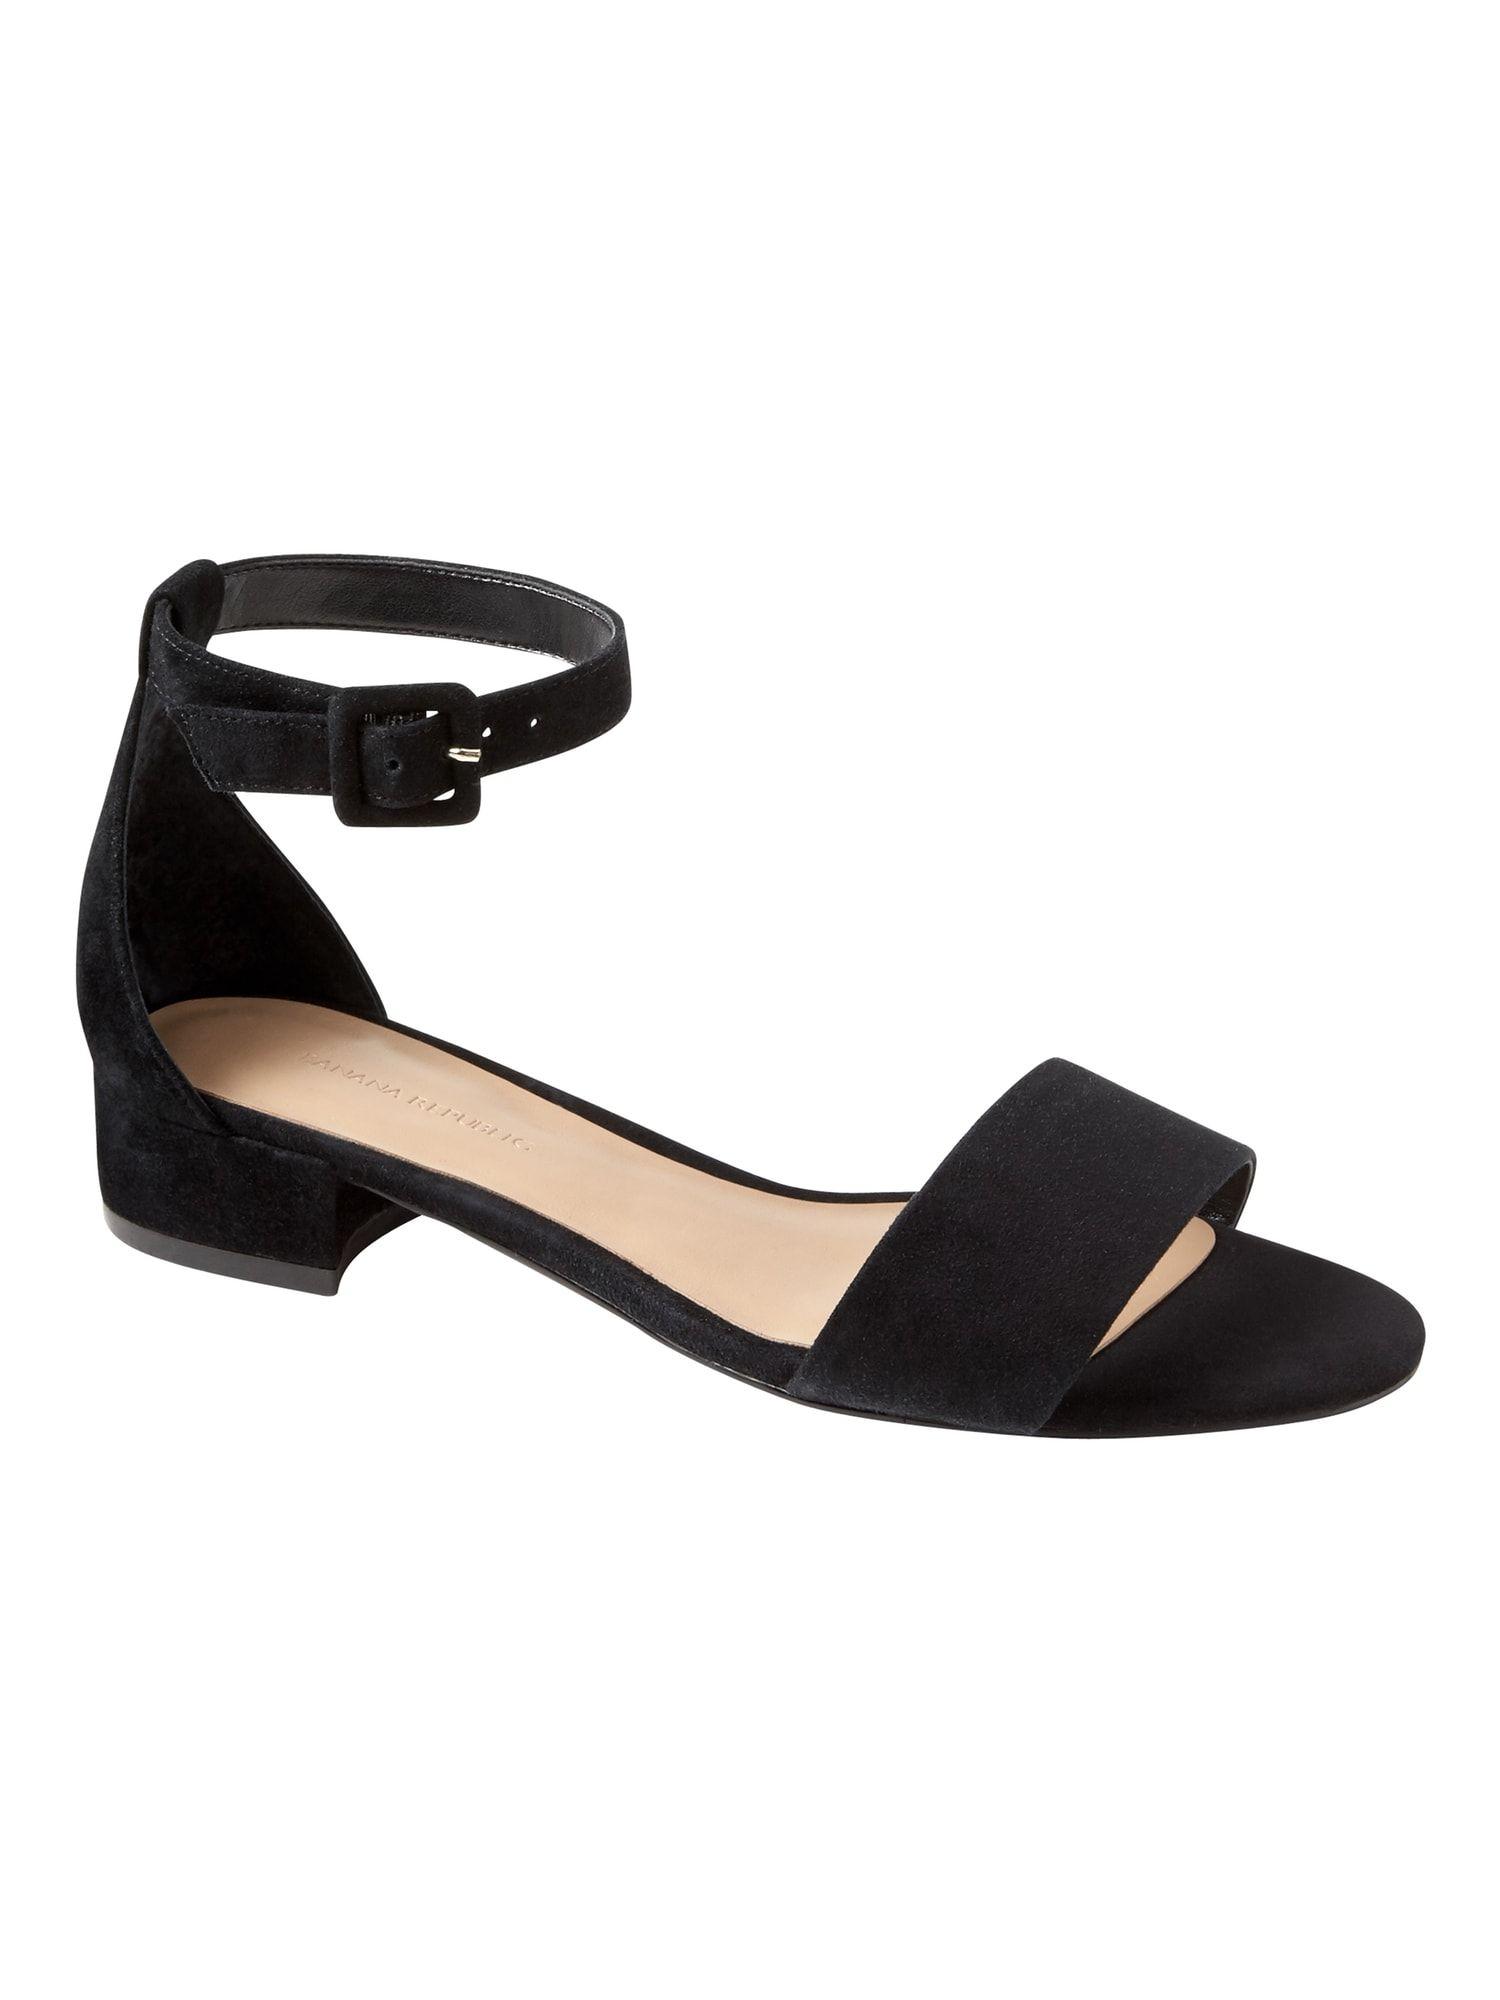 Low Heel Sandal | Banana Republic